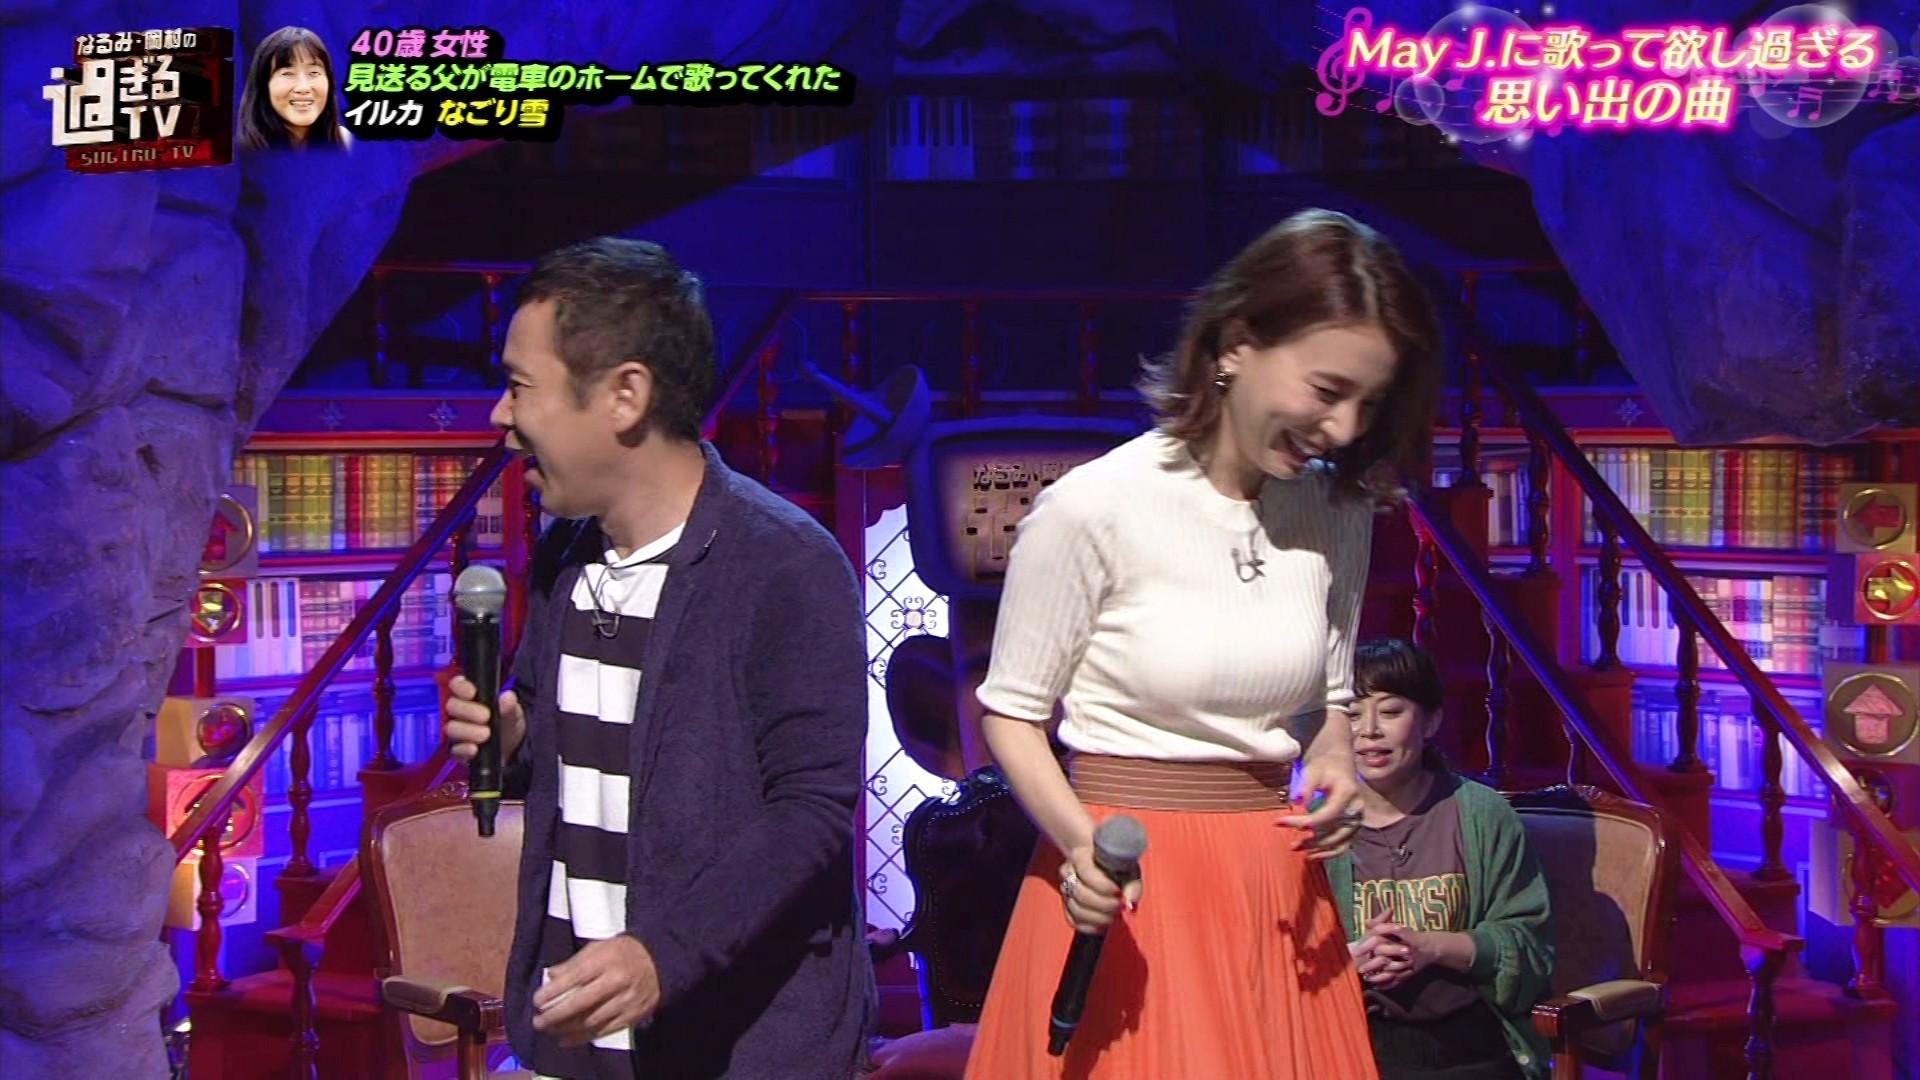 2019年5月13日『過ぎるTV』のテレビキャプチャー画像-046